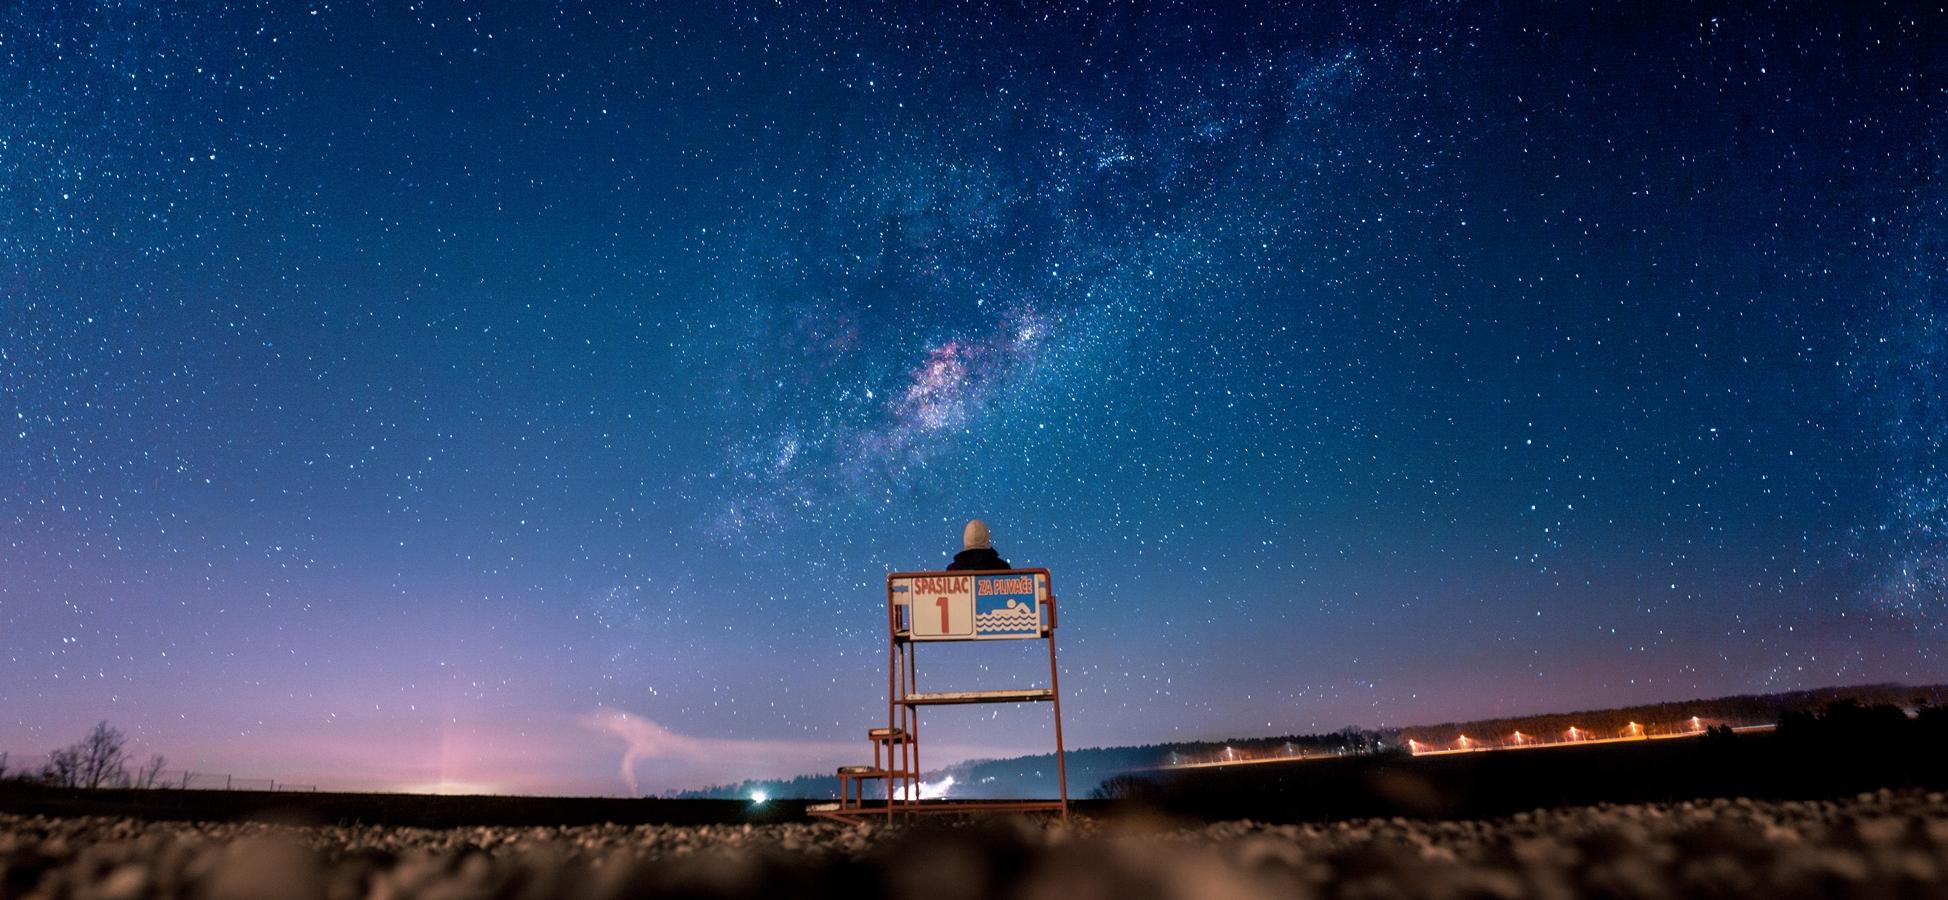 vesmír - pozorování vesmíru - hvězdy